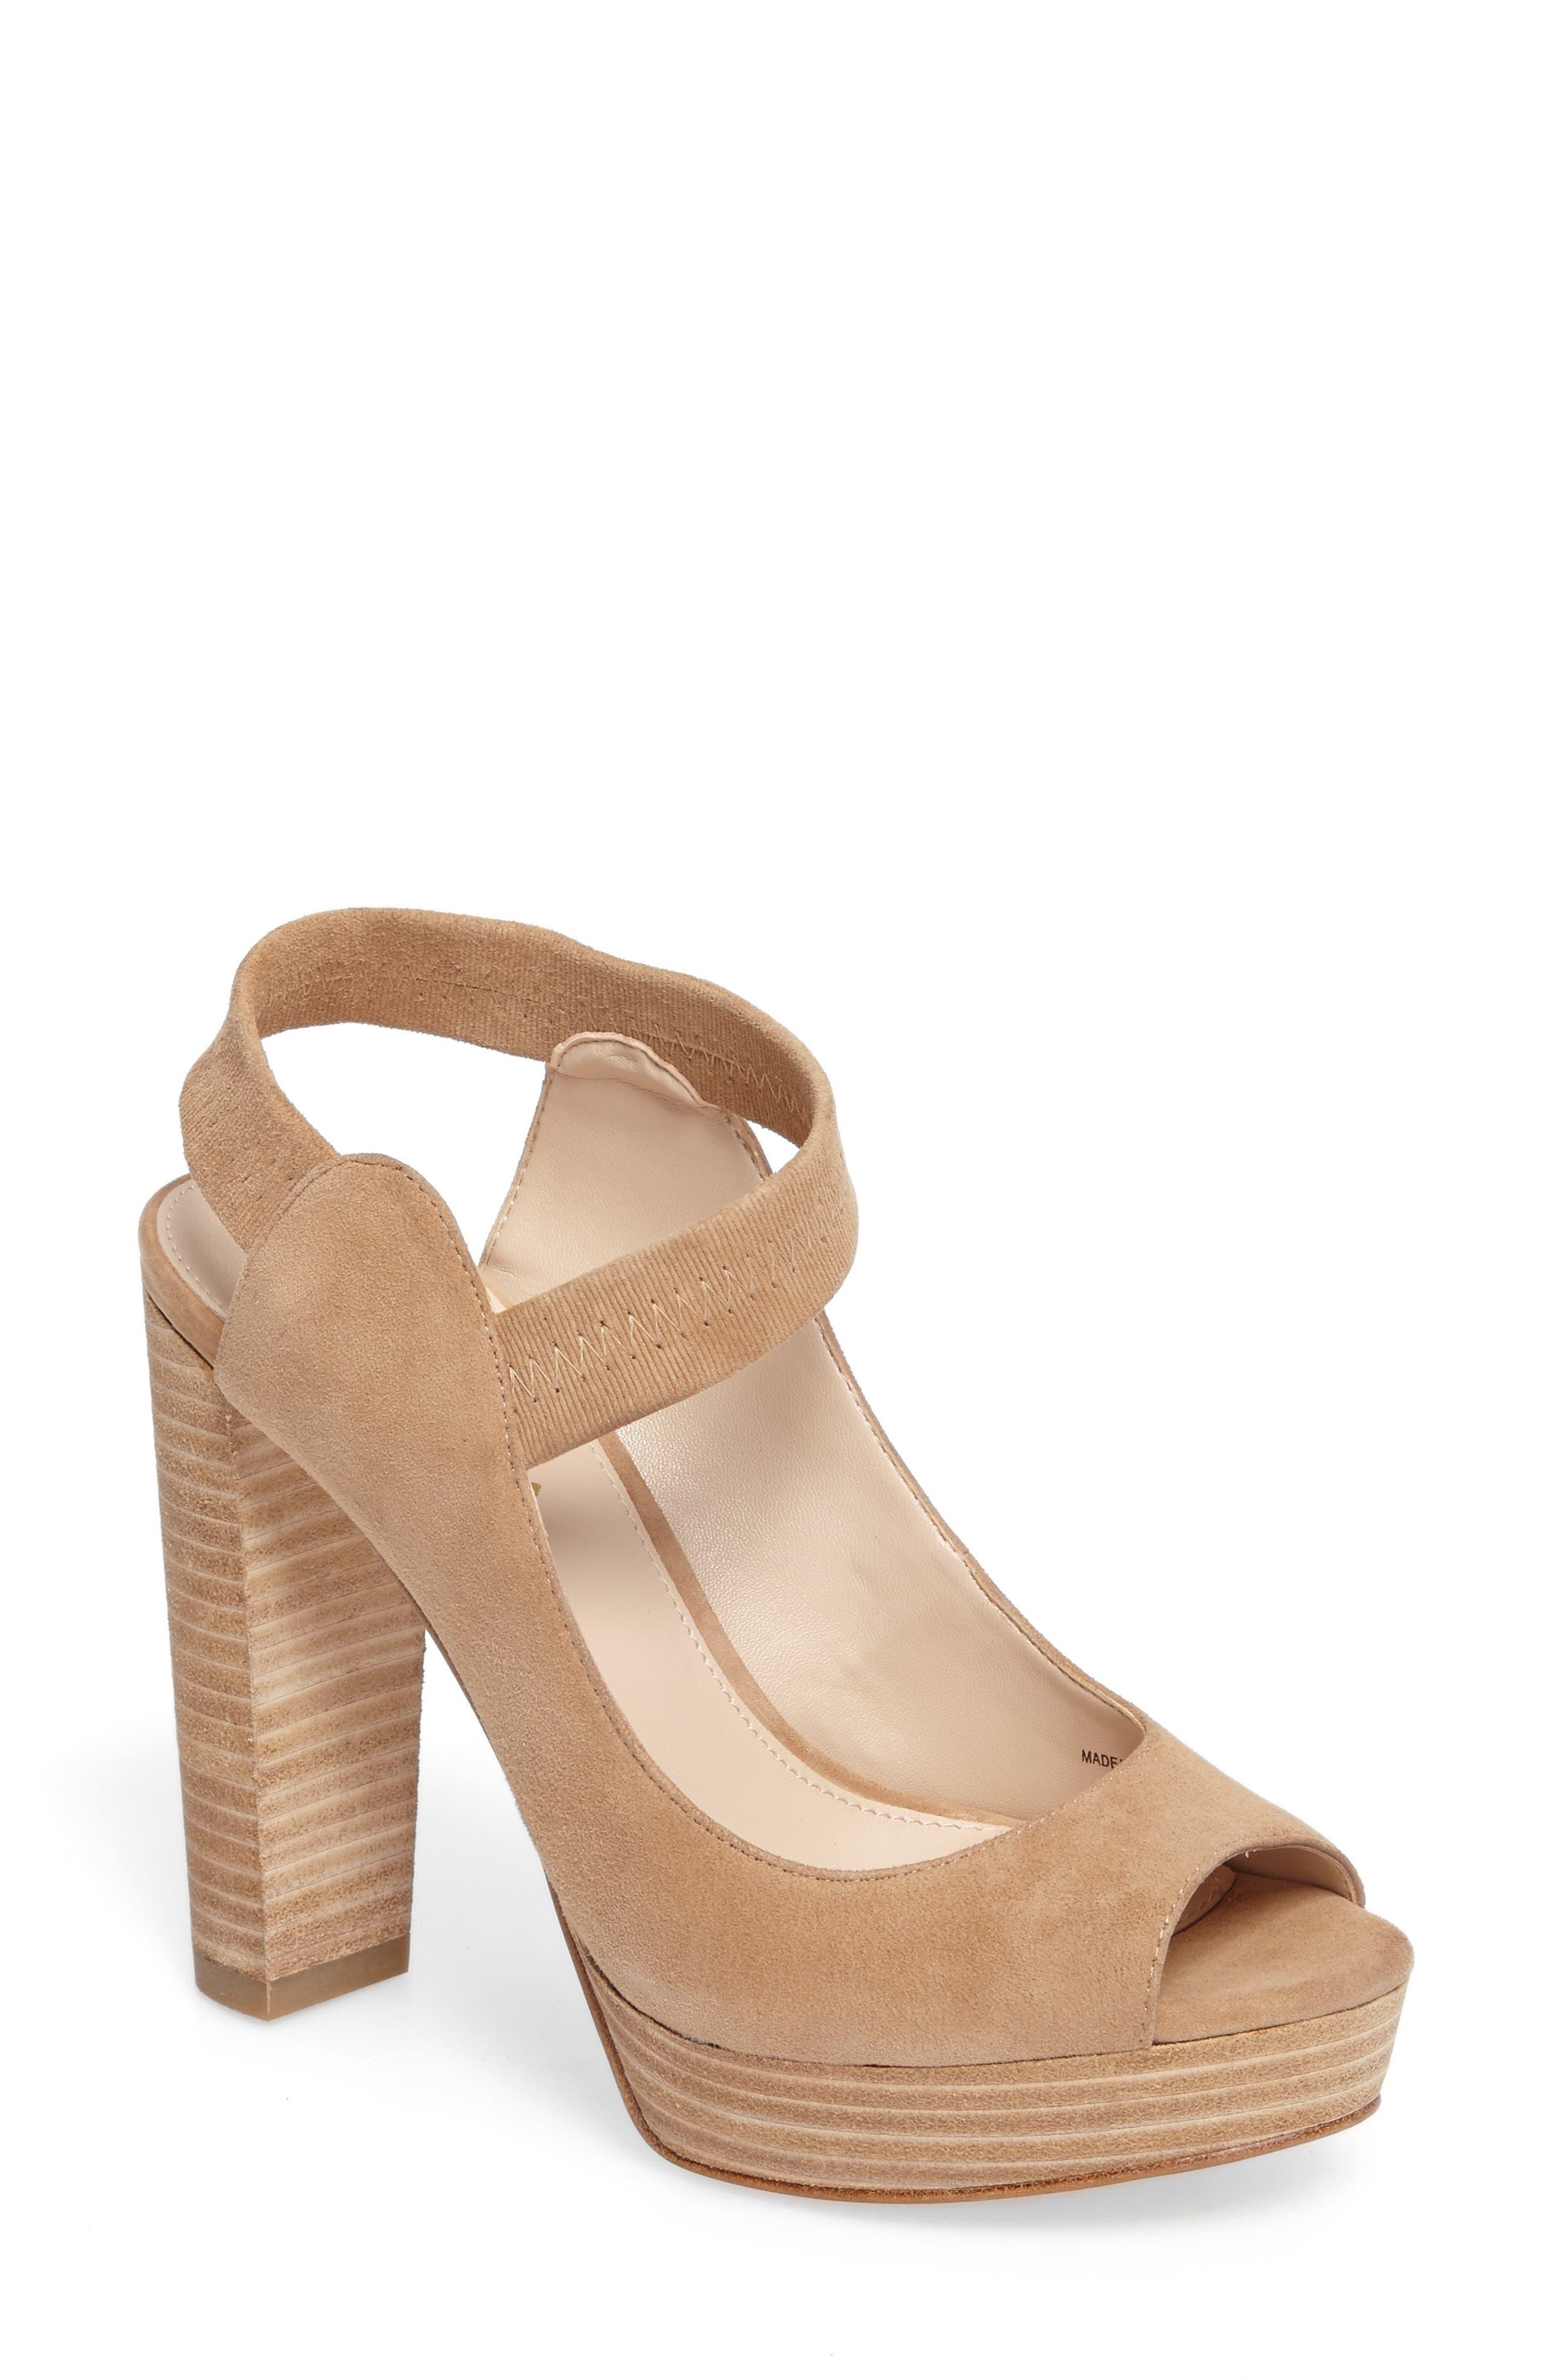 Alternate Image 1 Selected - Pelle Moda Penelope Sandal (Women)